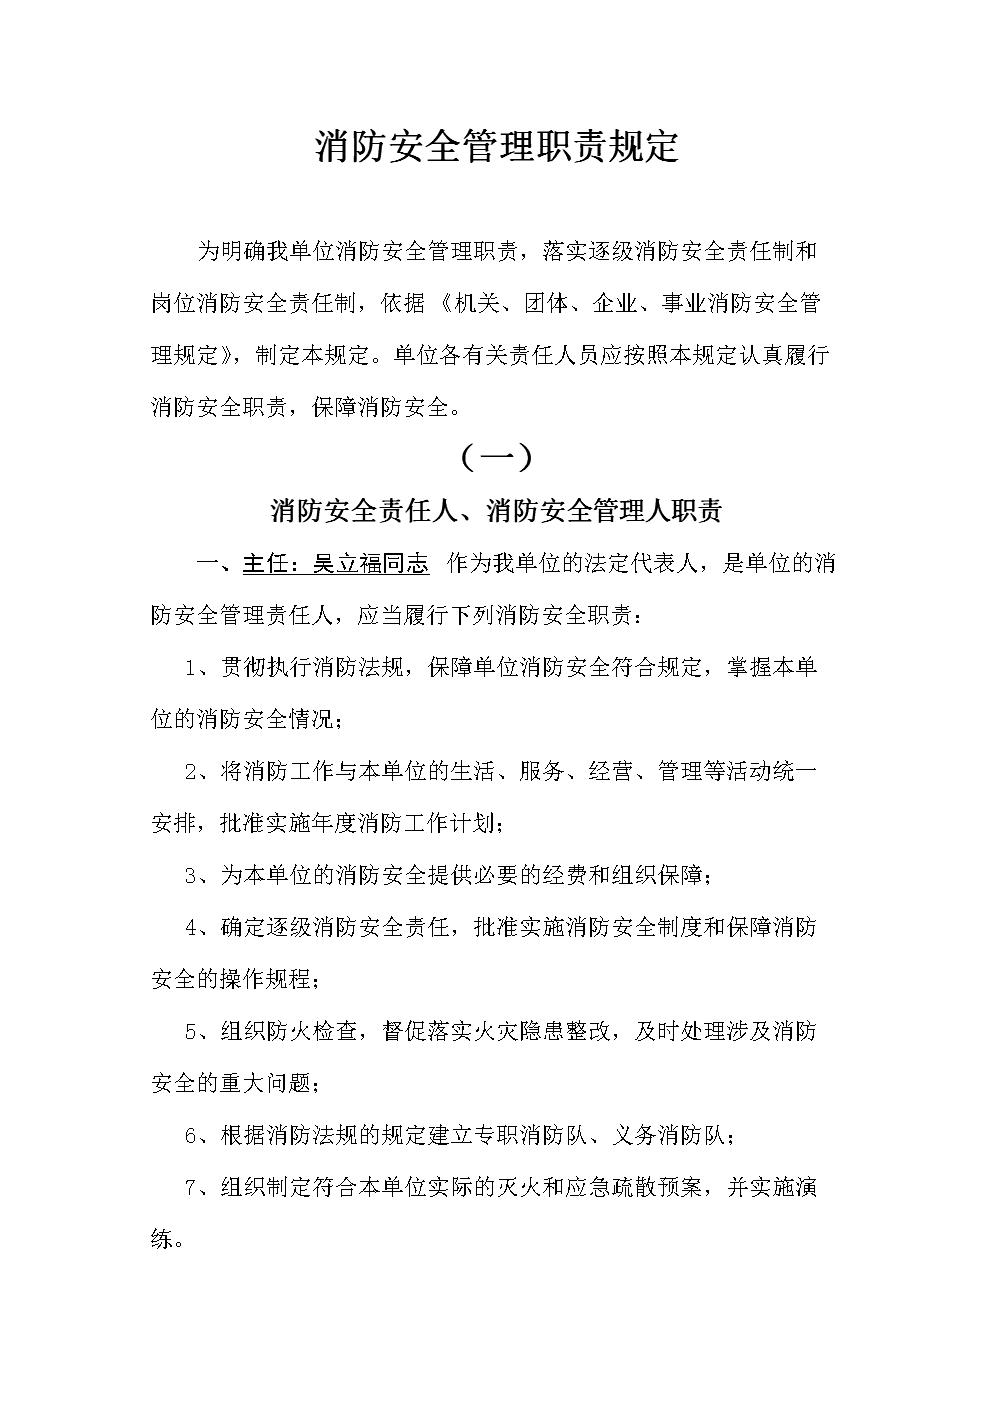 消防安全管理职责(最新编辑).doc